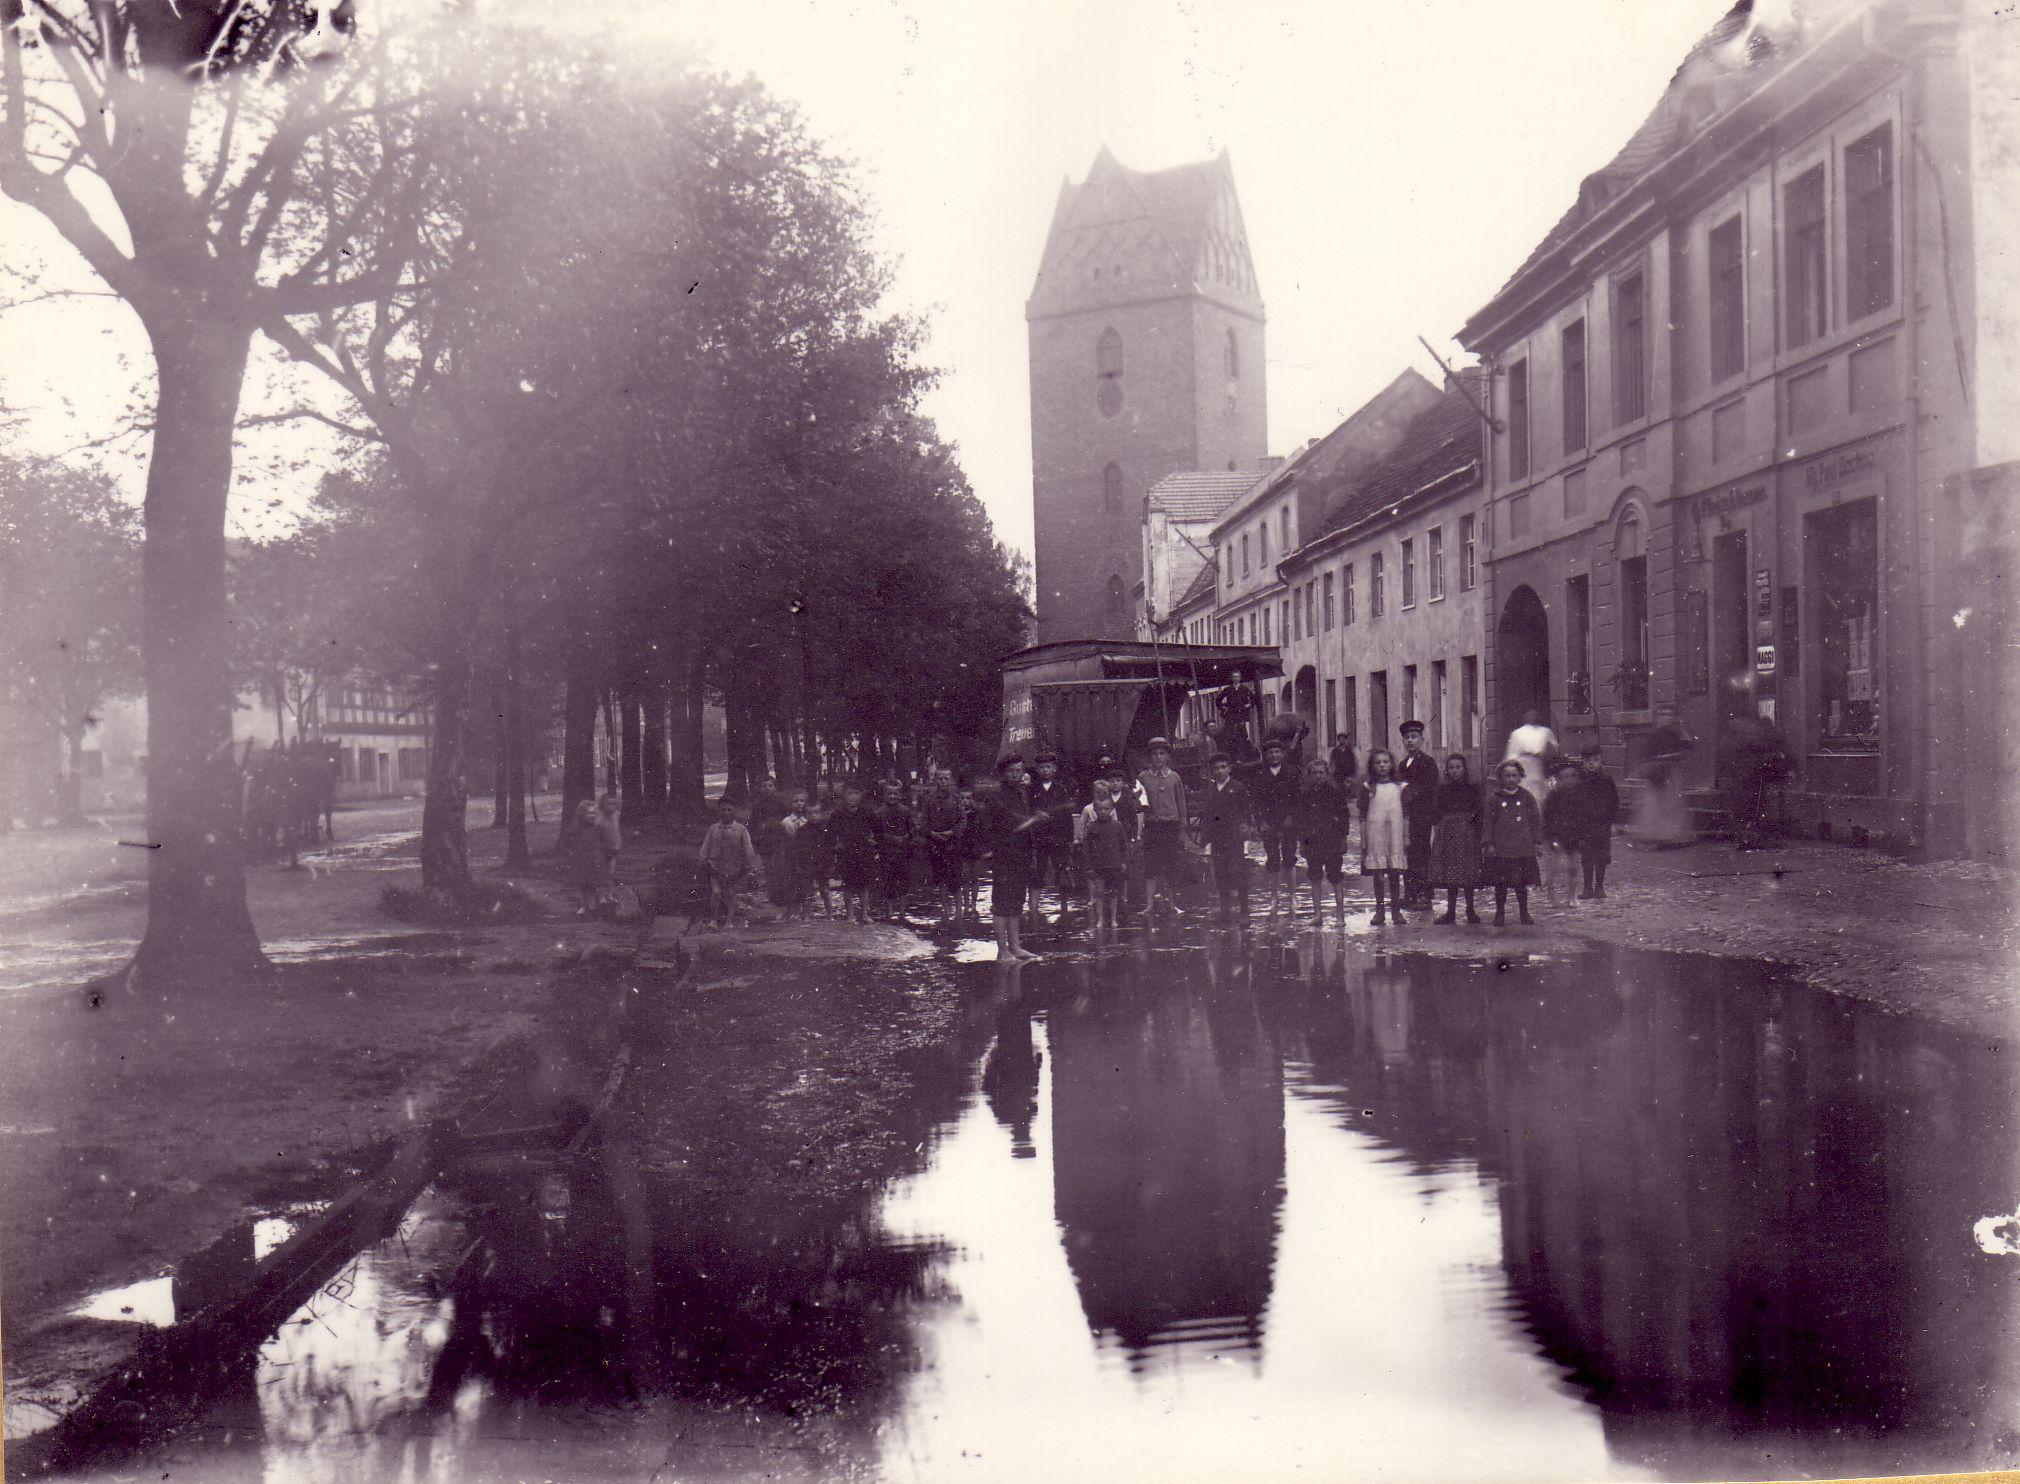 Ein Foto der Großstraße mit Blick auf die Marienkirche vor dem Bau der Kanalisation. Geschossen von Karl Reichhelm